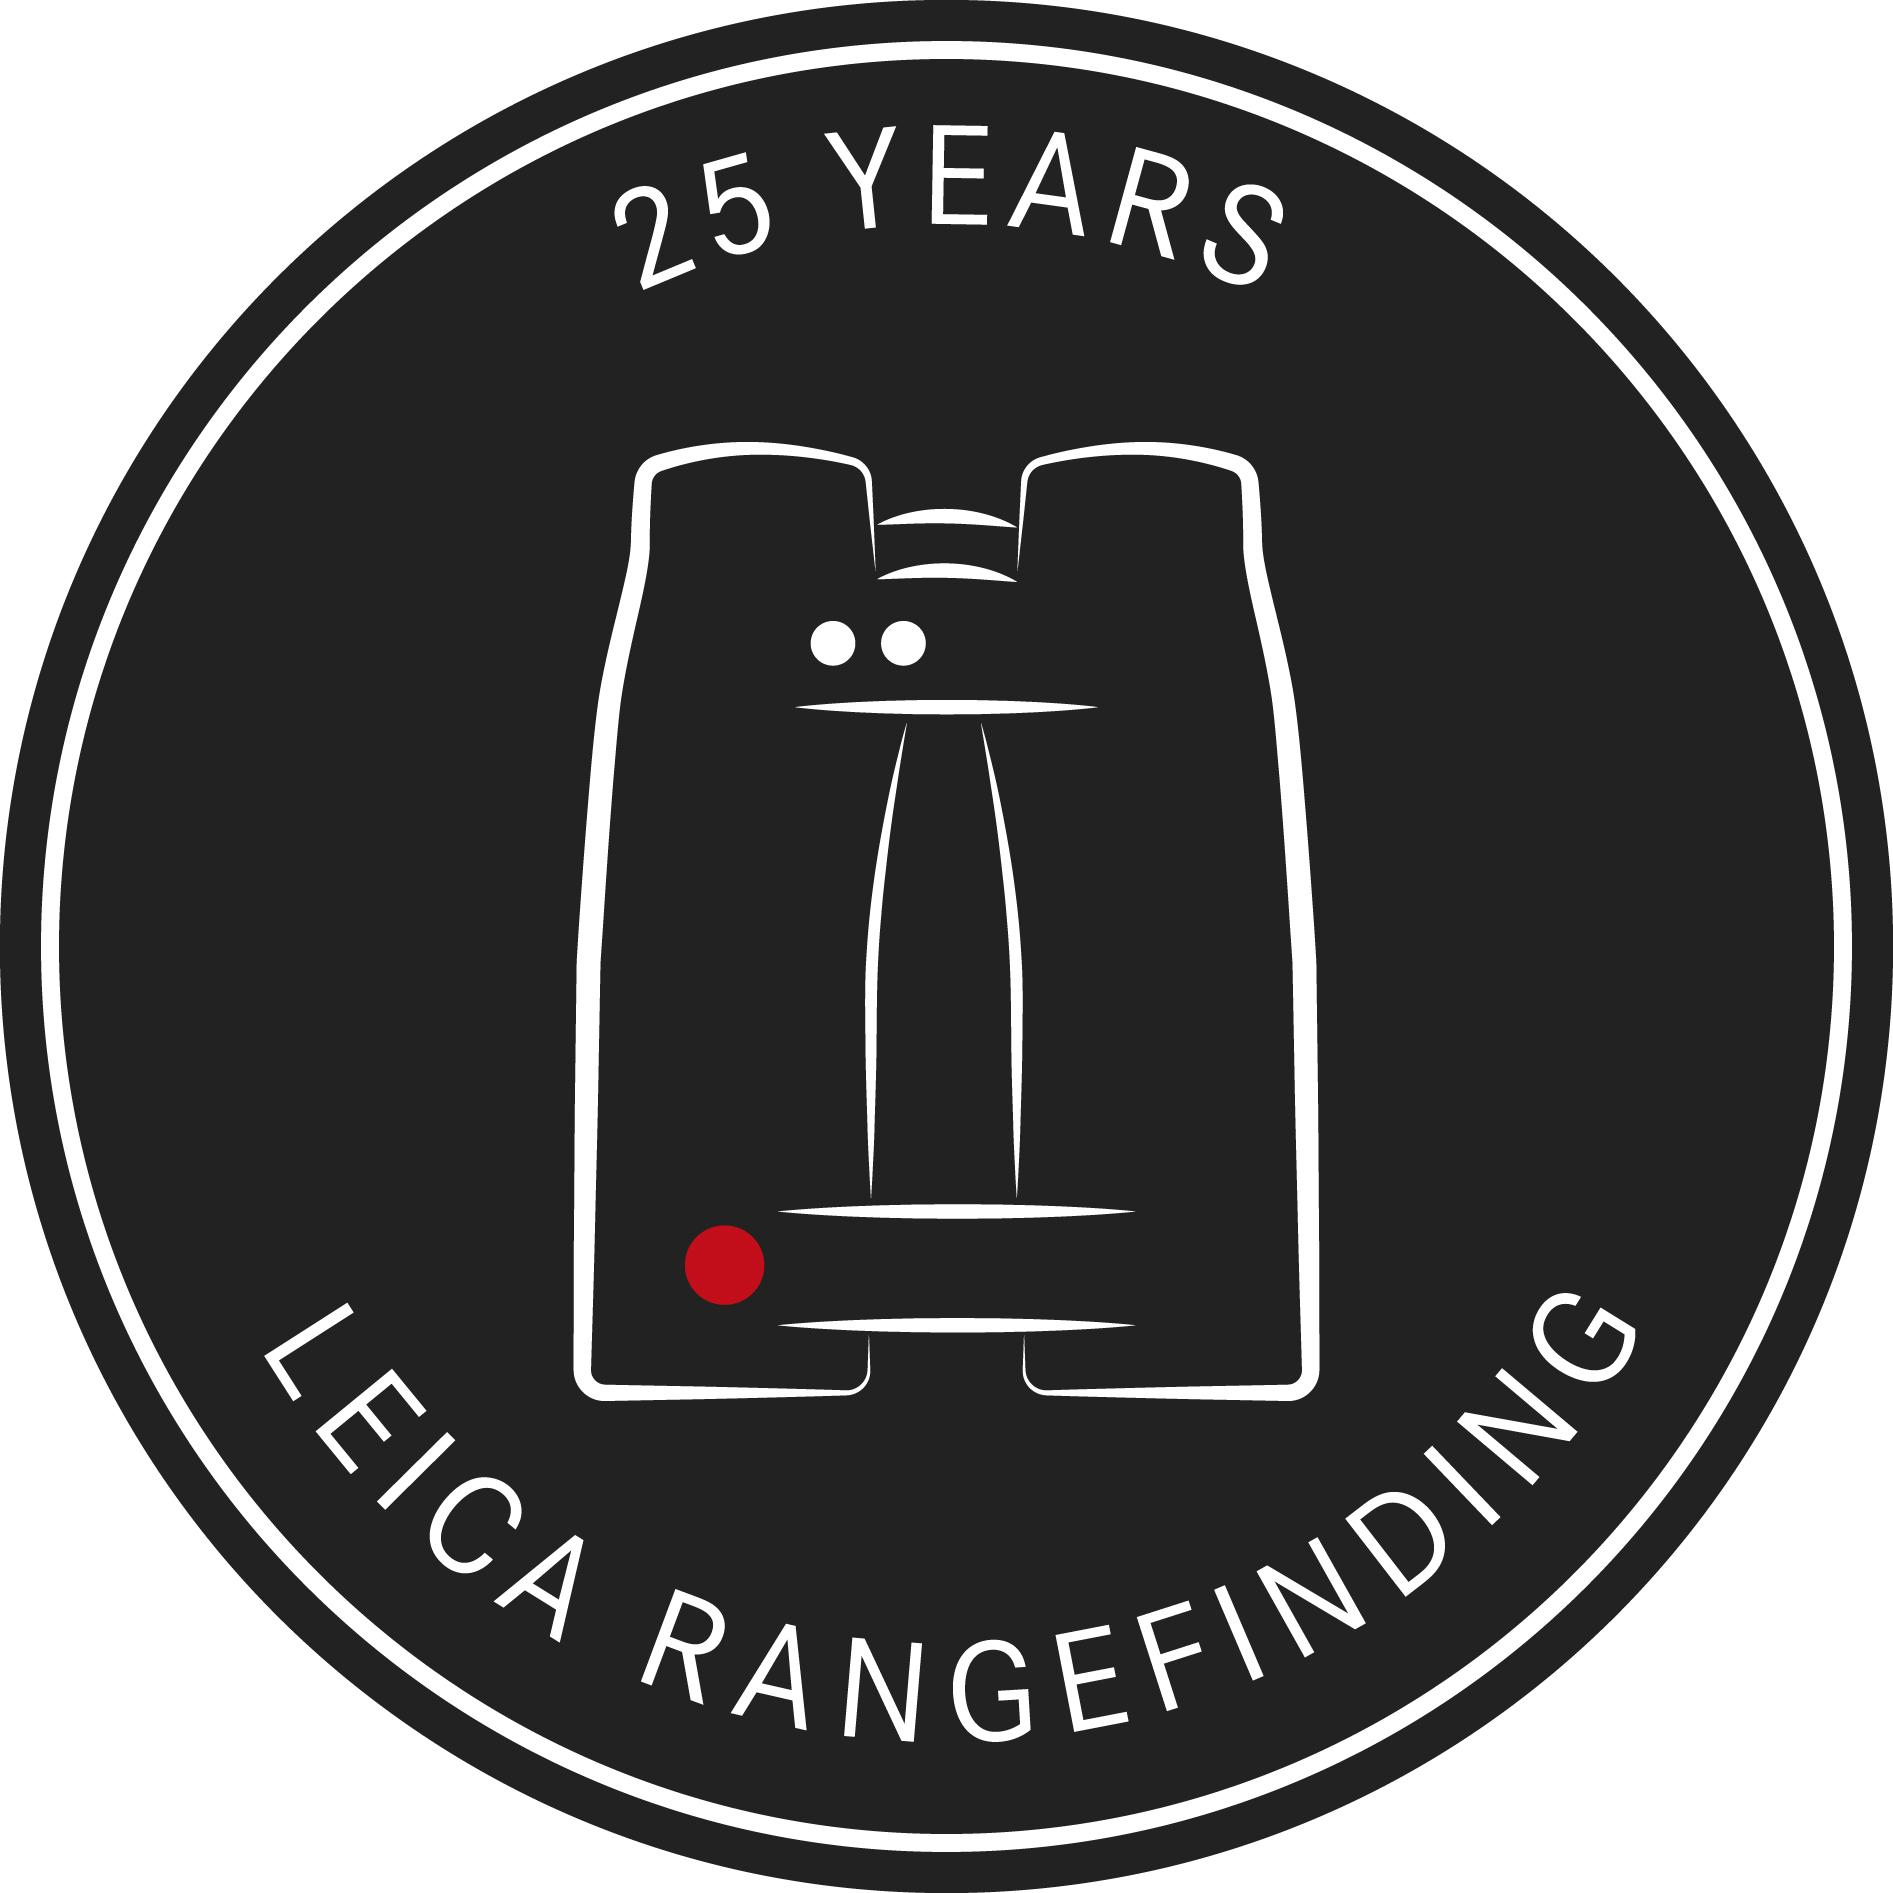 25-Year-Rangefinding.jpg